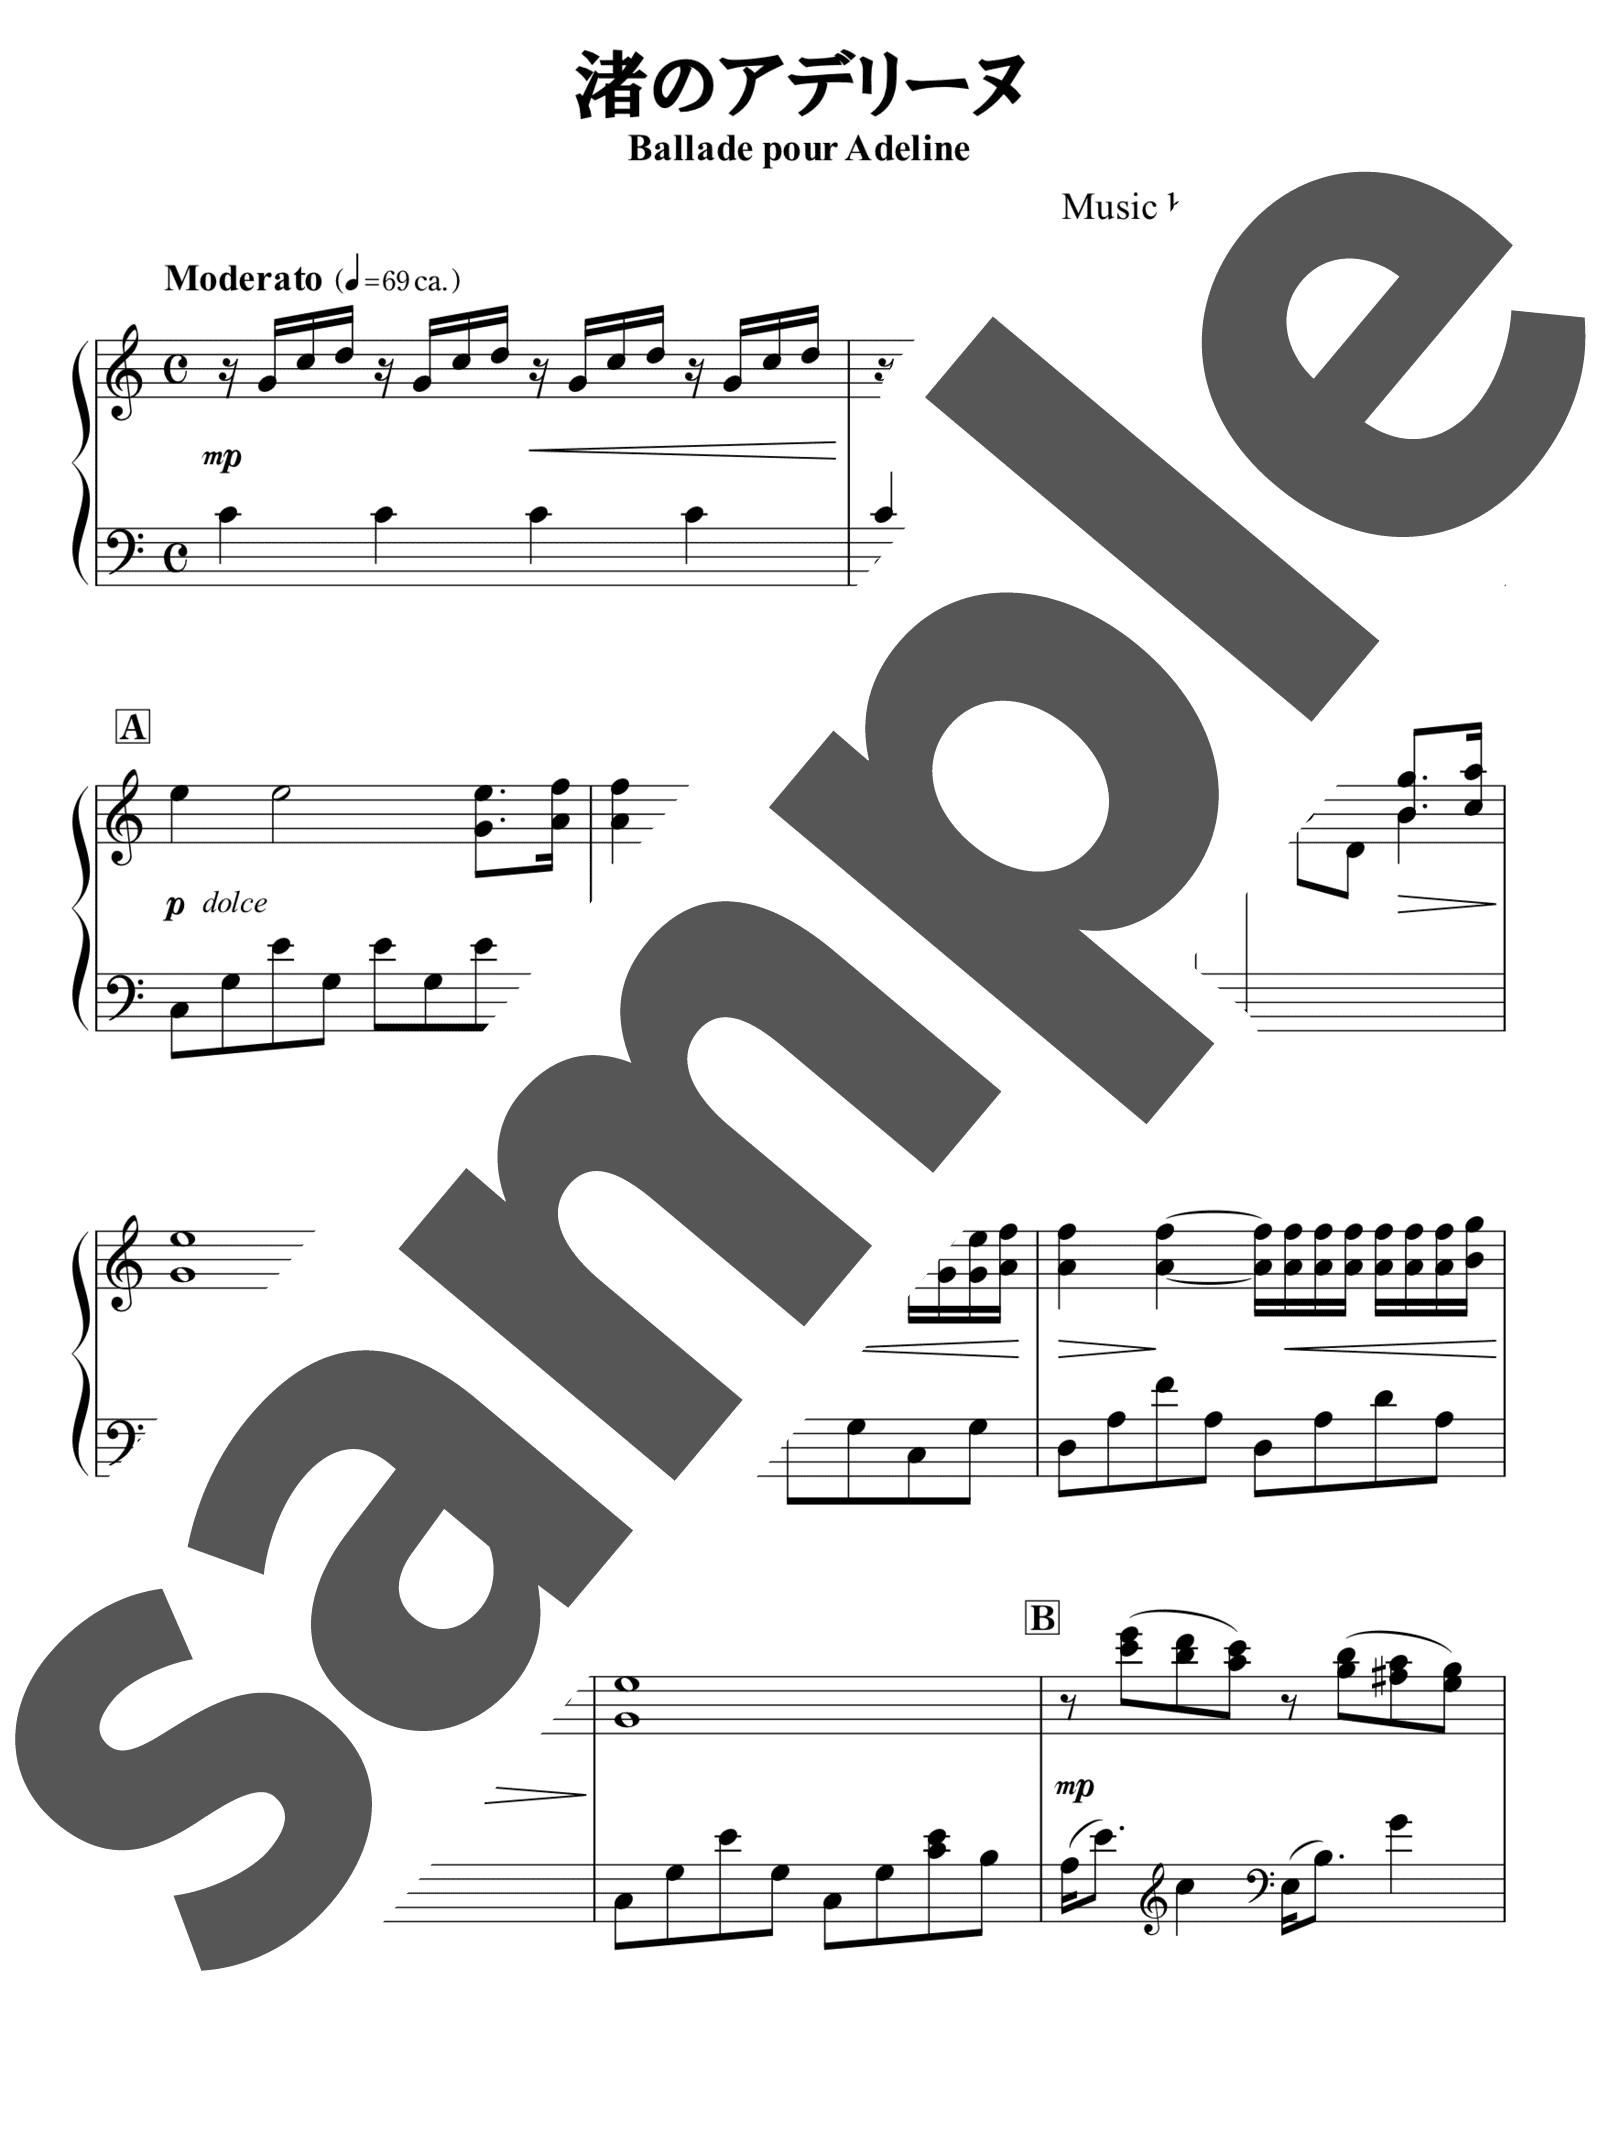 「渚のアデリーヌ」のサンプル楽譜